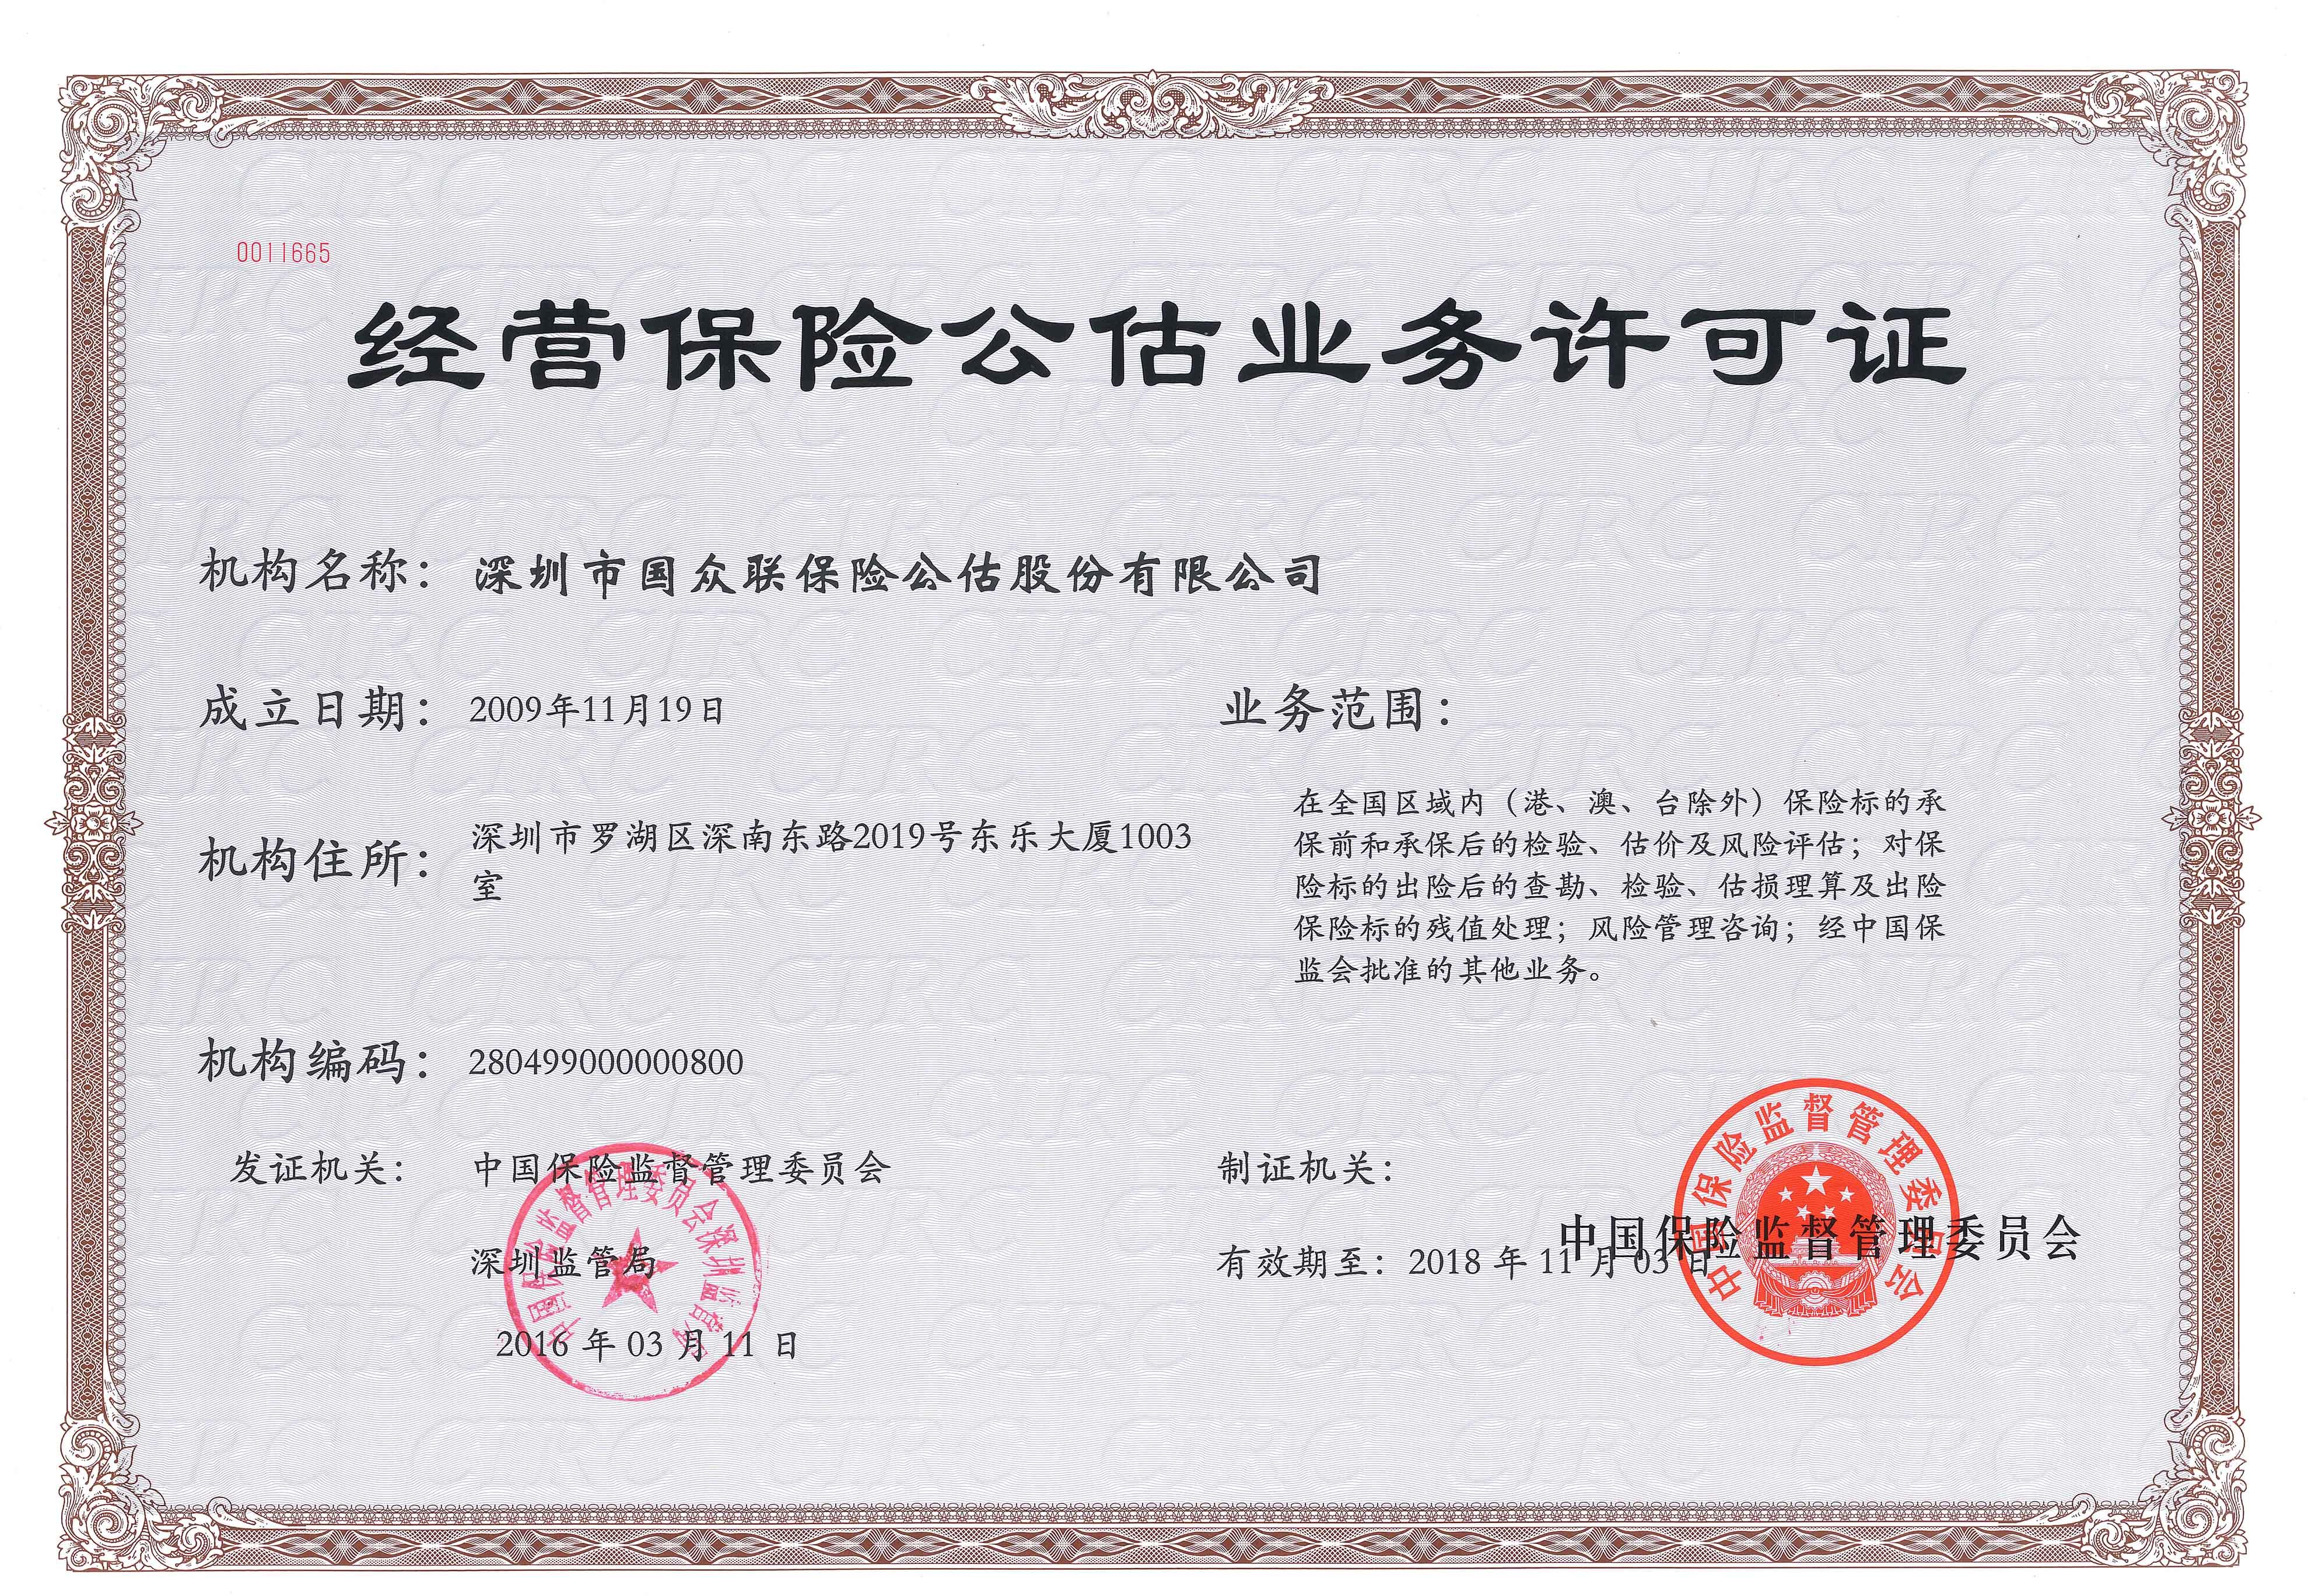 经营保险公估业务许可